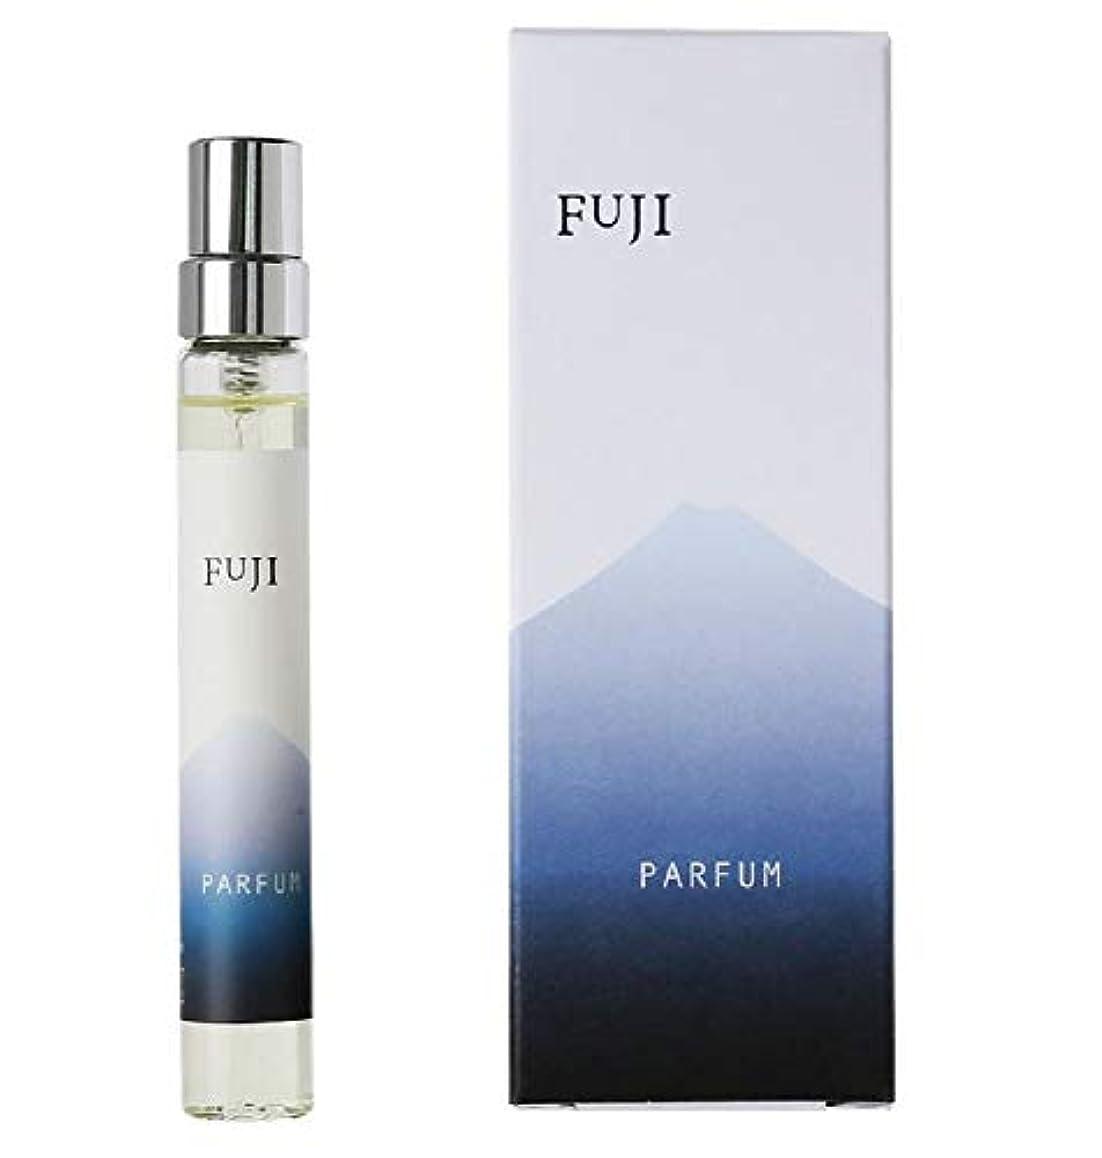 賃金ファーム白菜パルファム フジ parfum fuji 最高級 パルファン 1ダースセット(12本) 限定割引 & 送料無料 富士山 香水 海外みやげ